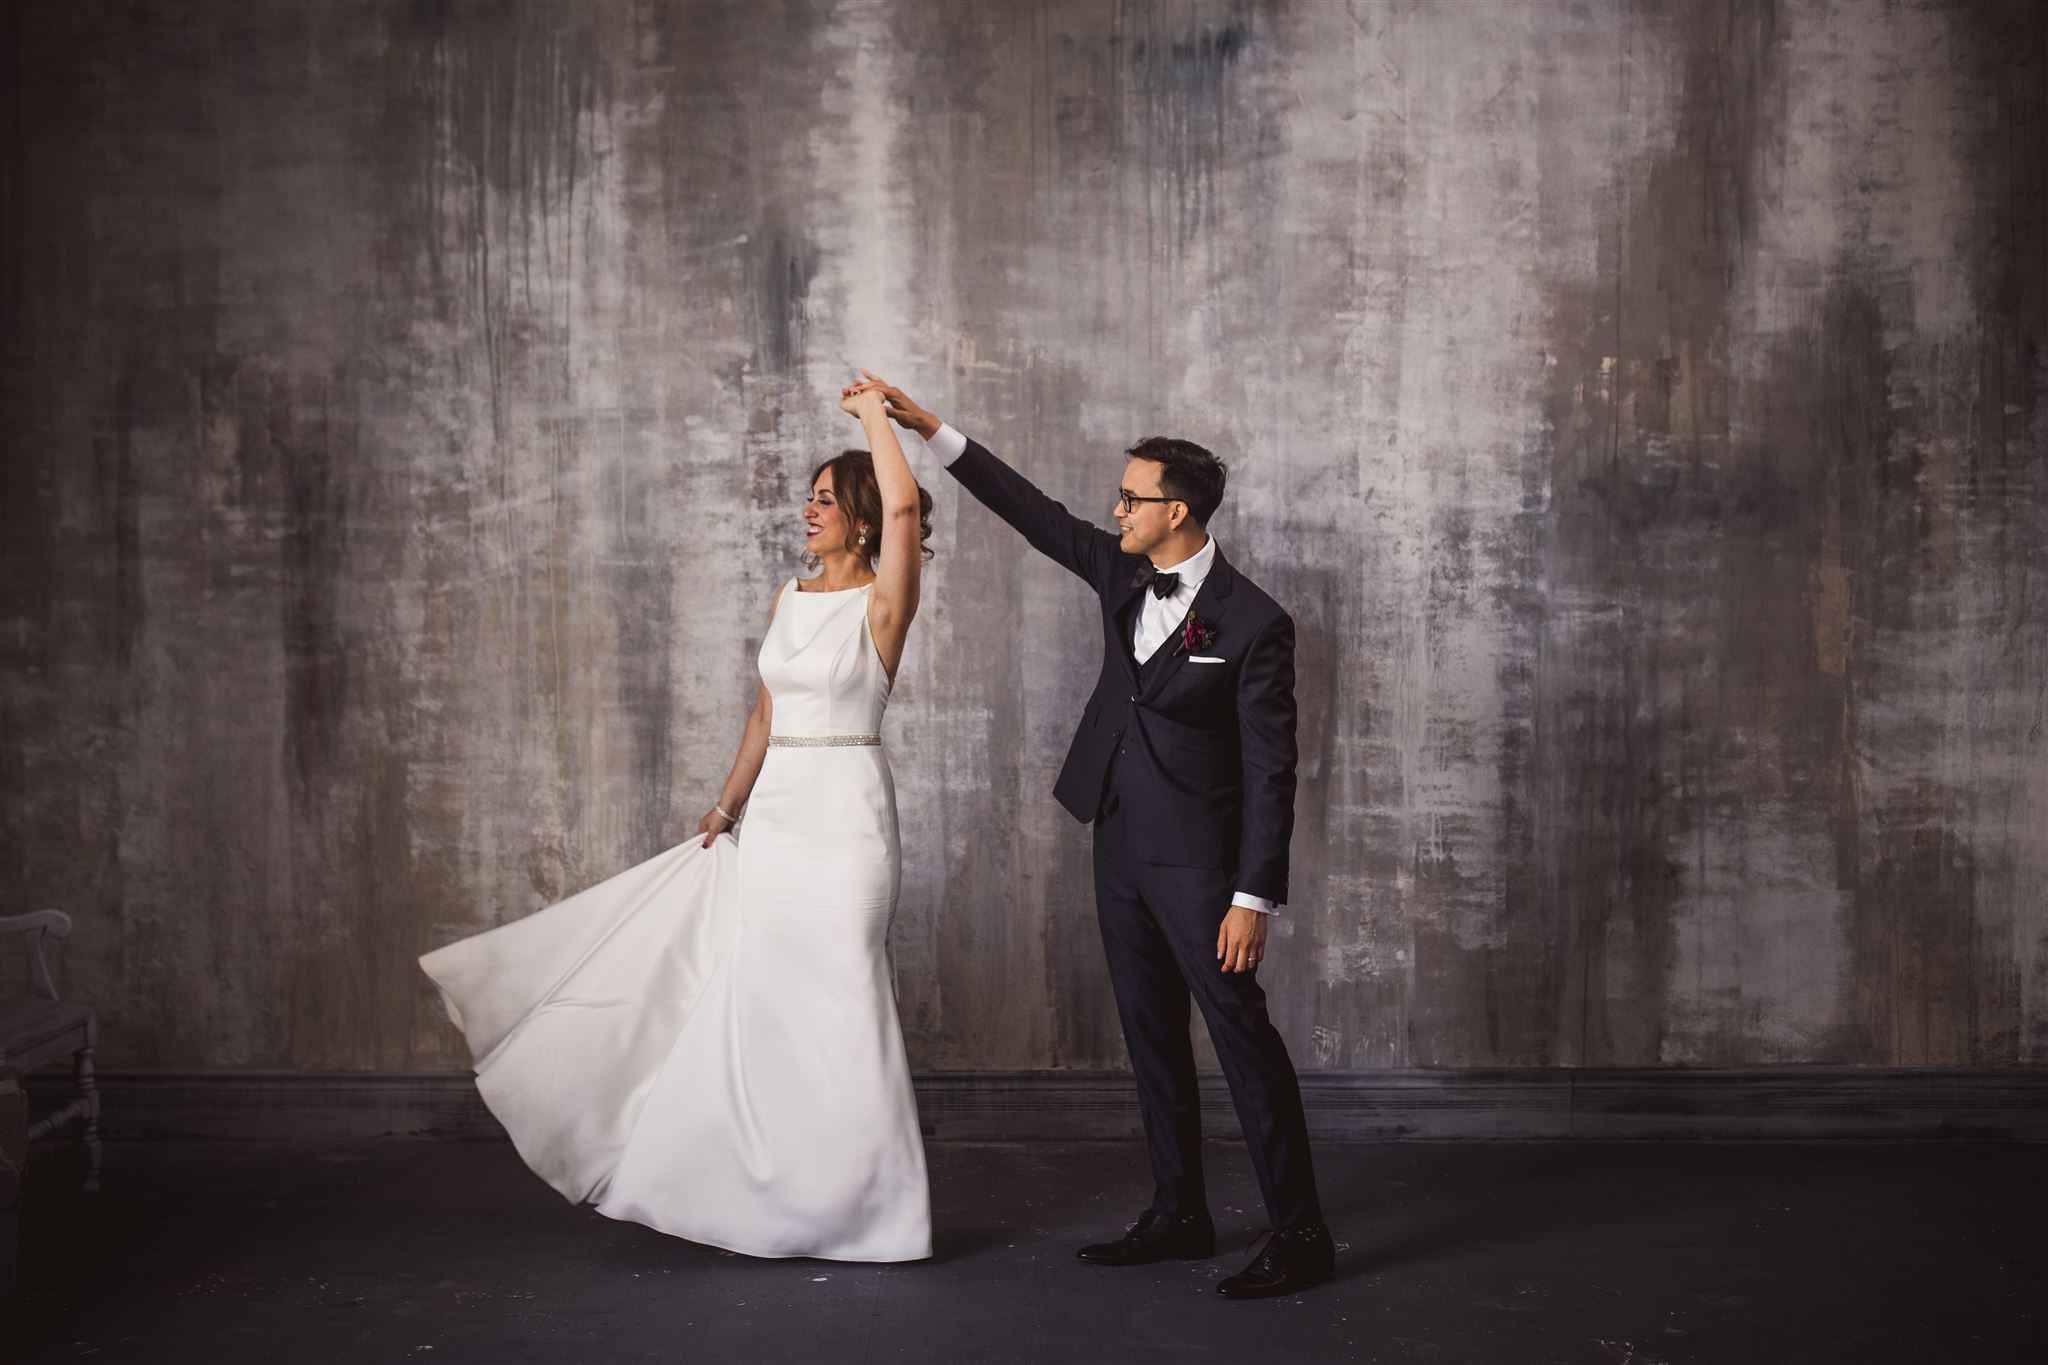 indoor photography locations in toronto, indoor photo studios in Toronto, indoor wedding photos in Toronto